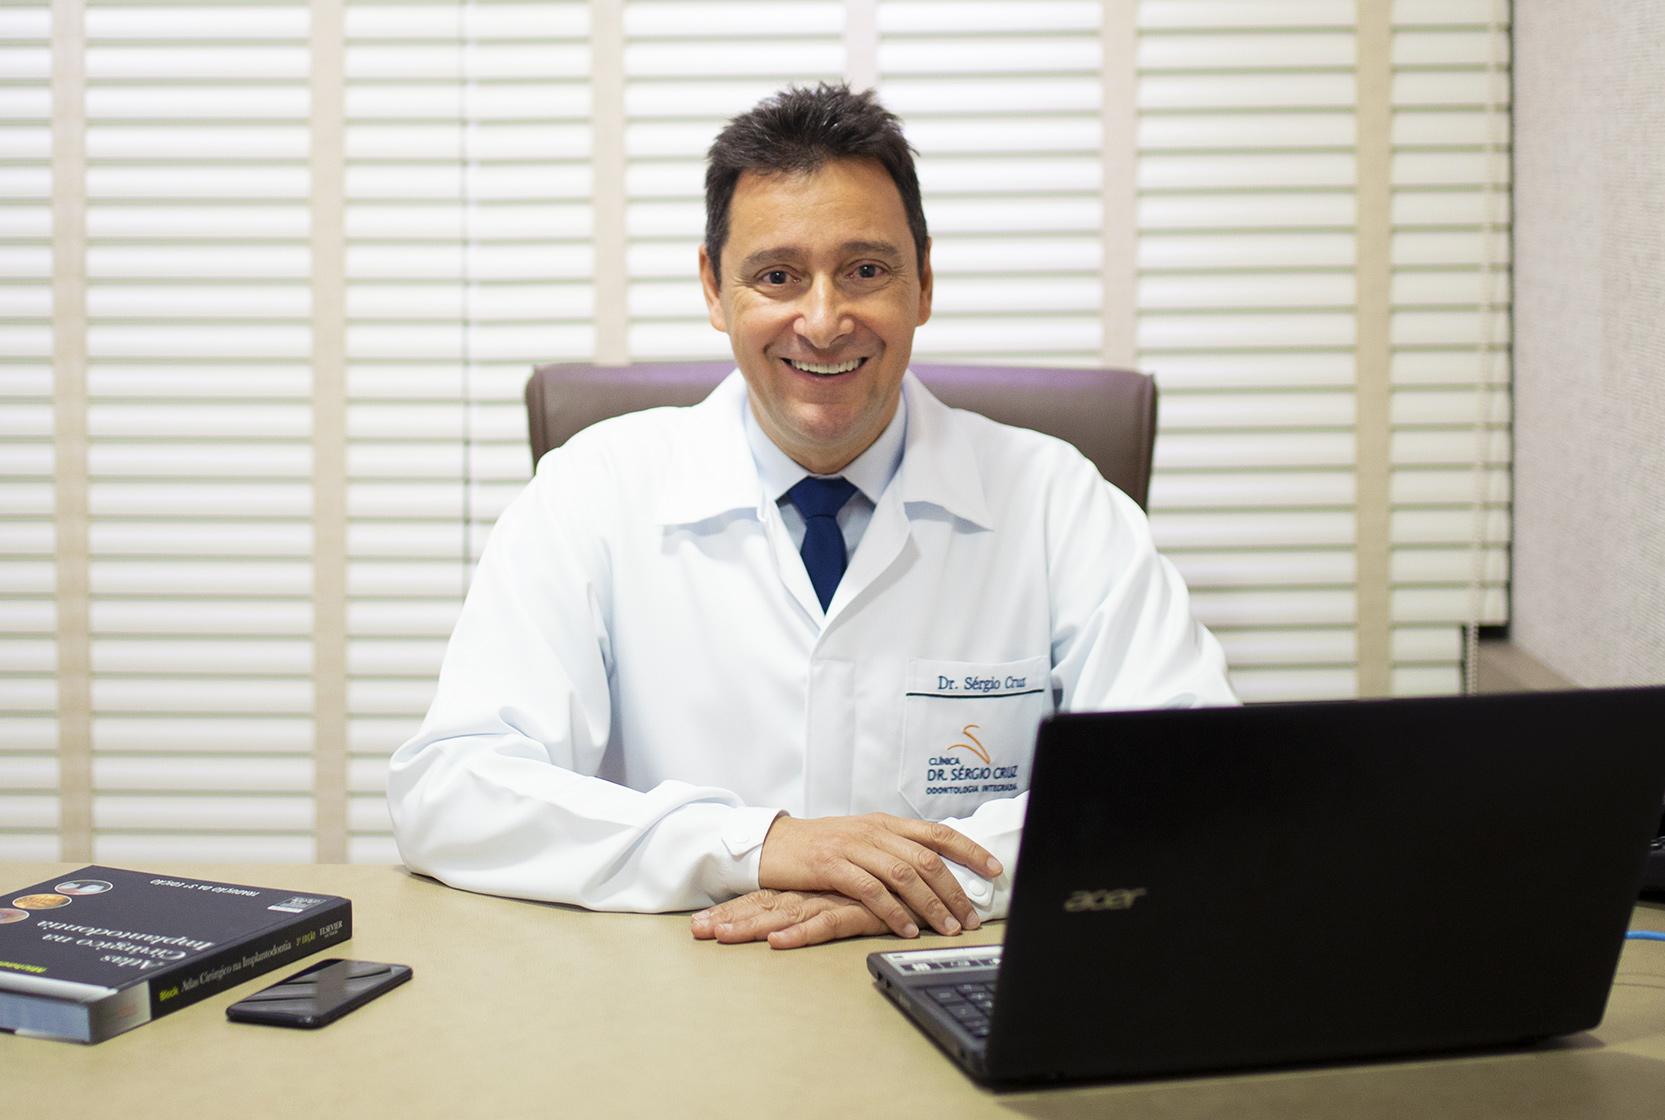 clinica-sergio-cruz-implantes-tubarao-sc-historia-v2